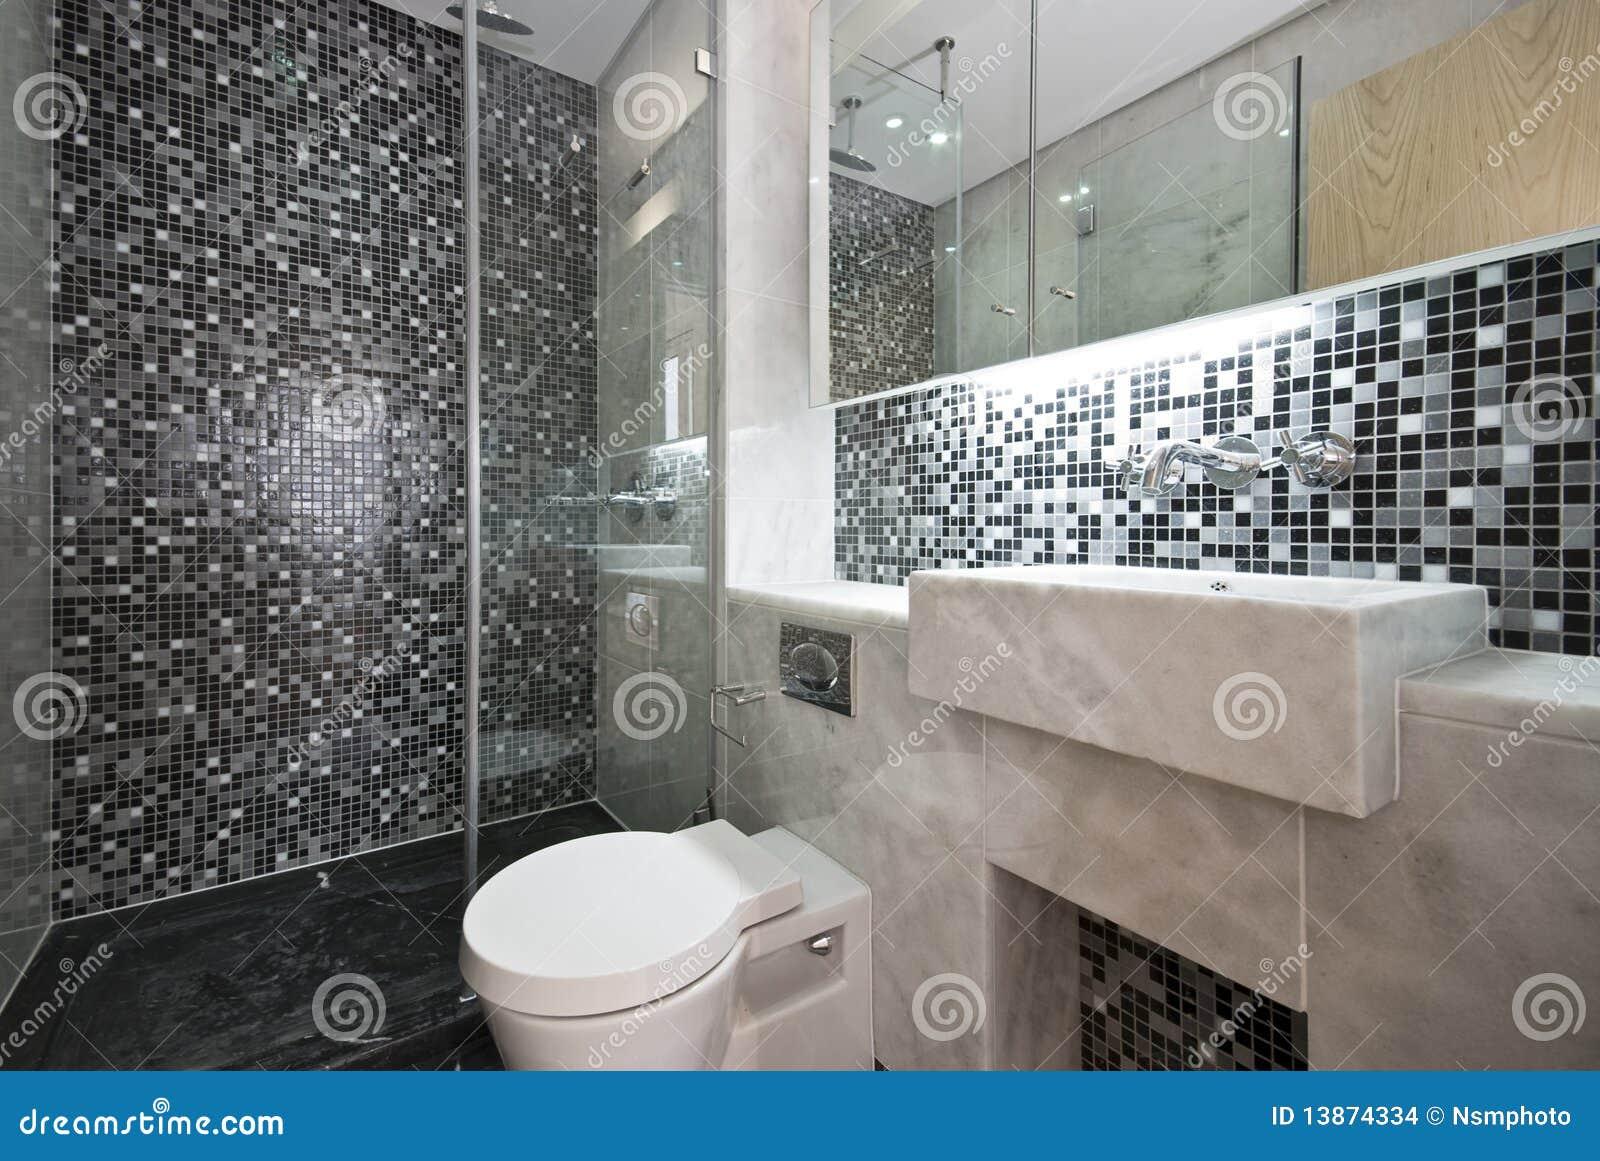 Piastrelle doccia mosaico good bagno in mosaico grigio with